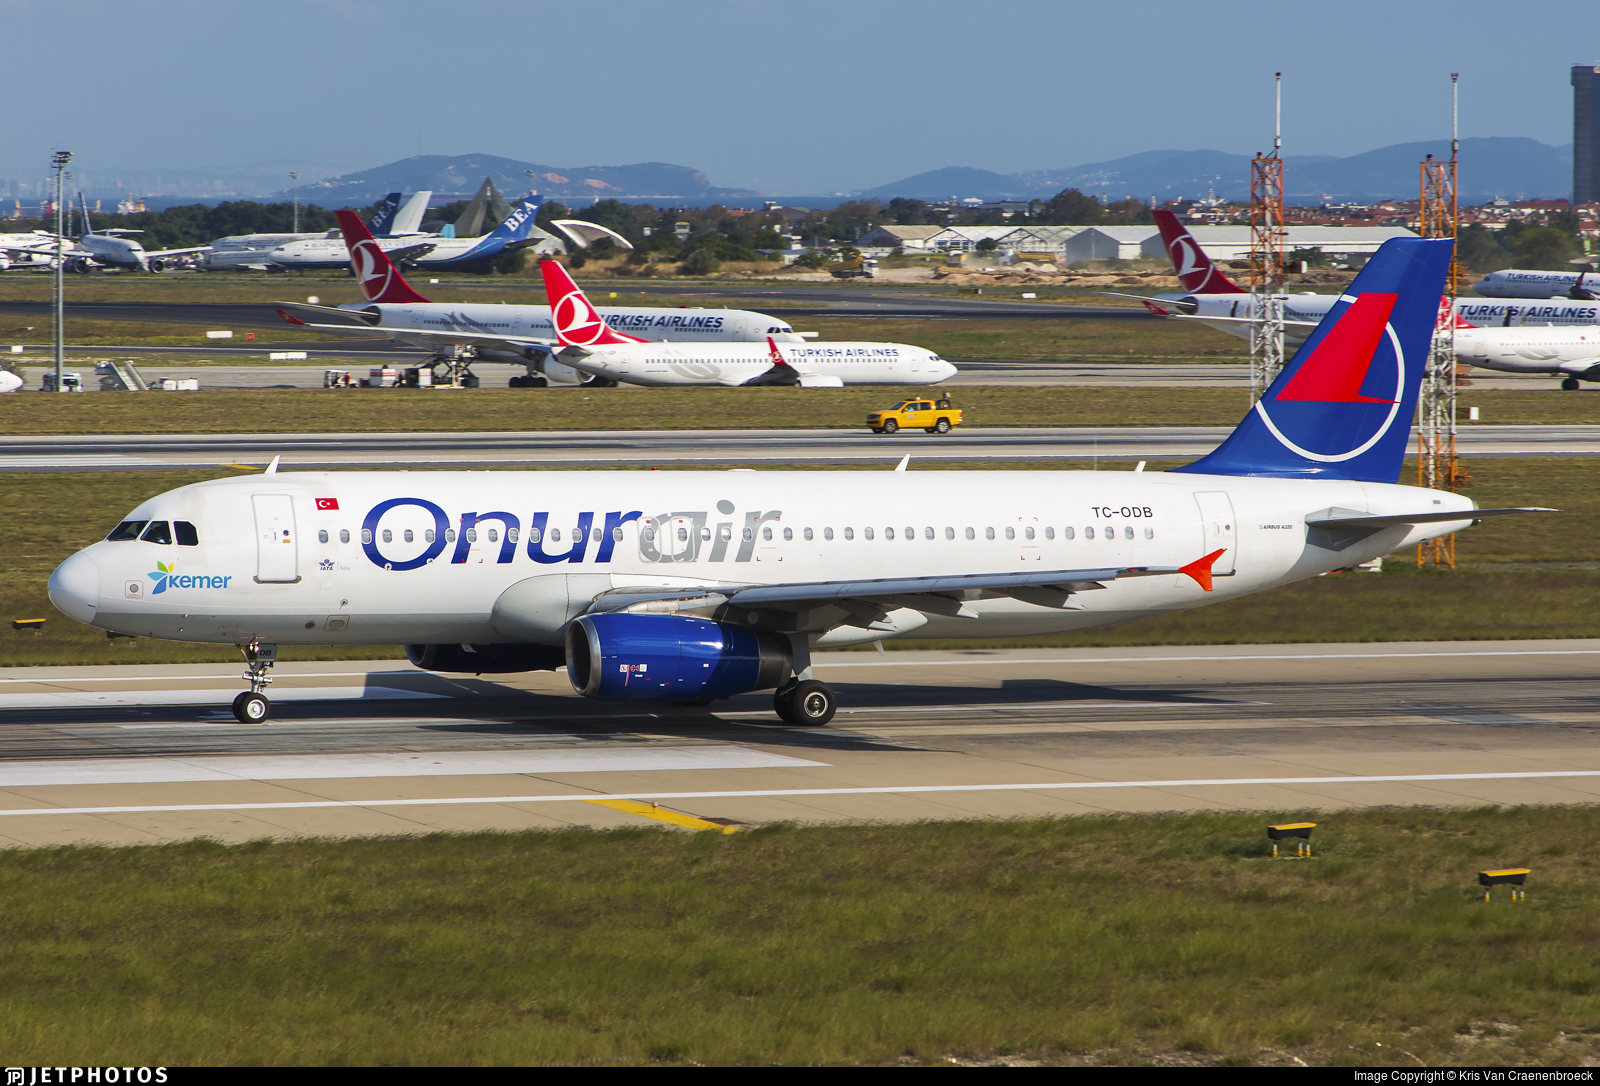 TC-ODB - Airbus A320-232 - Onur Air